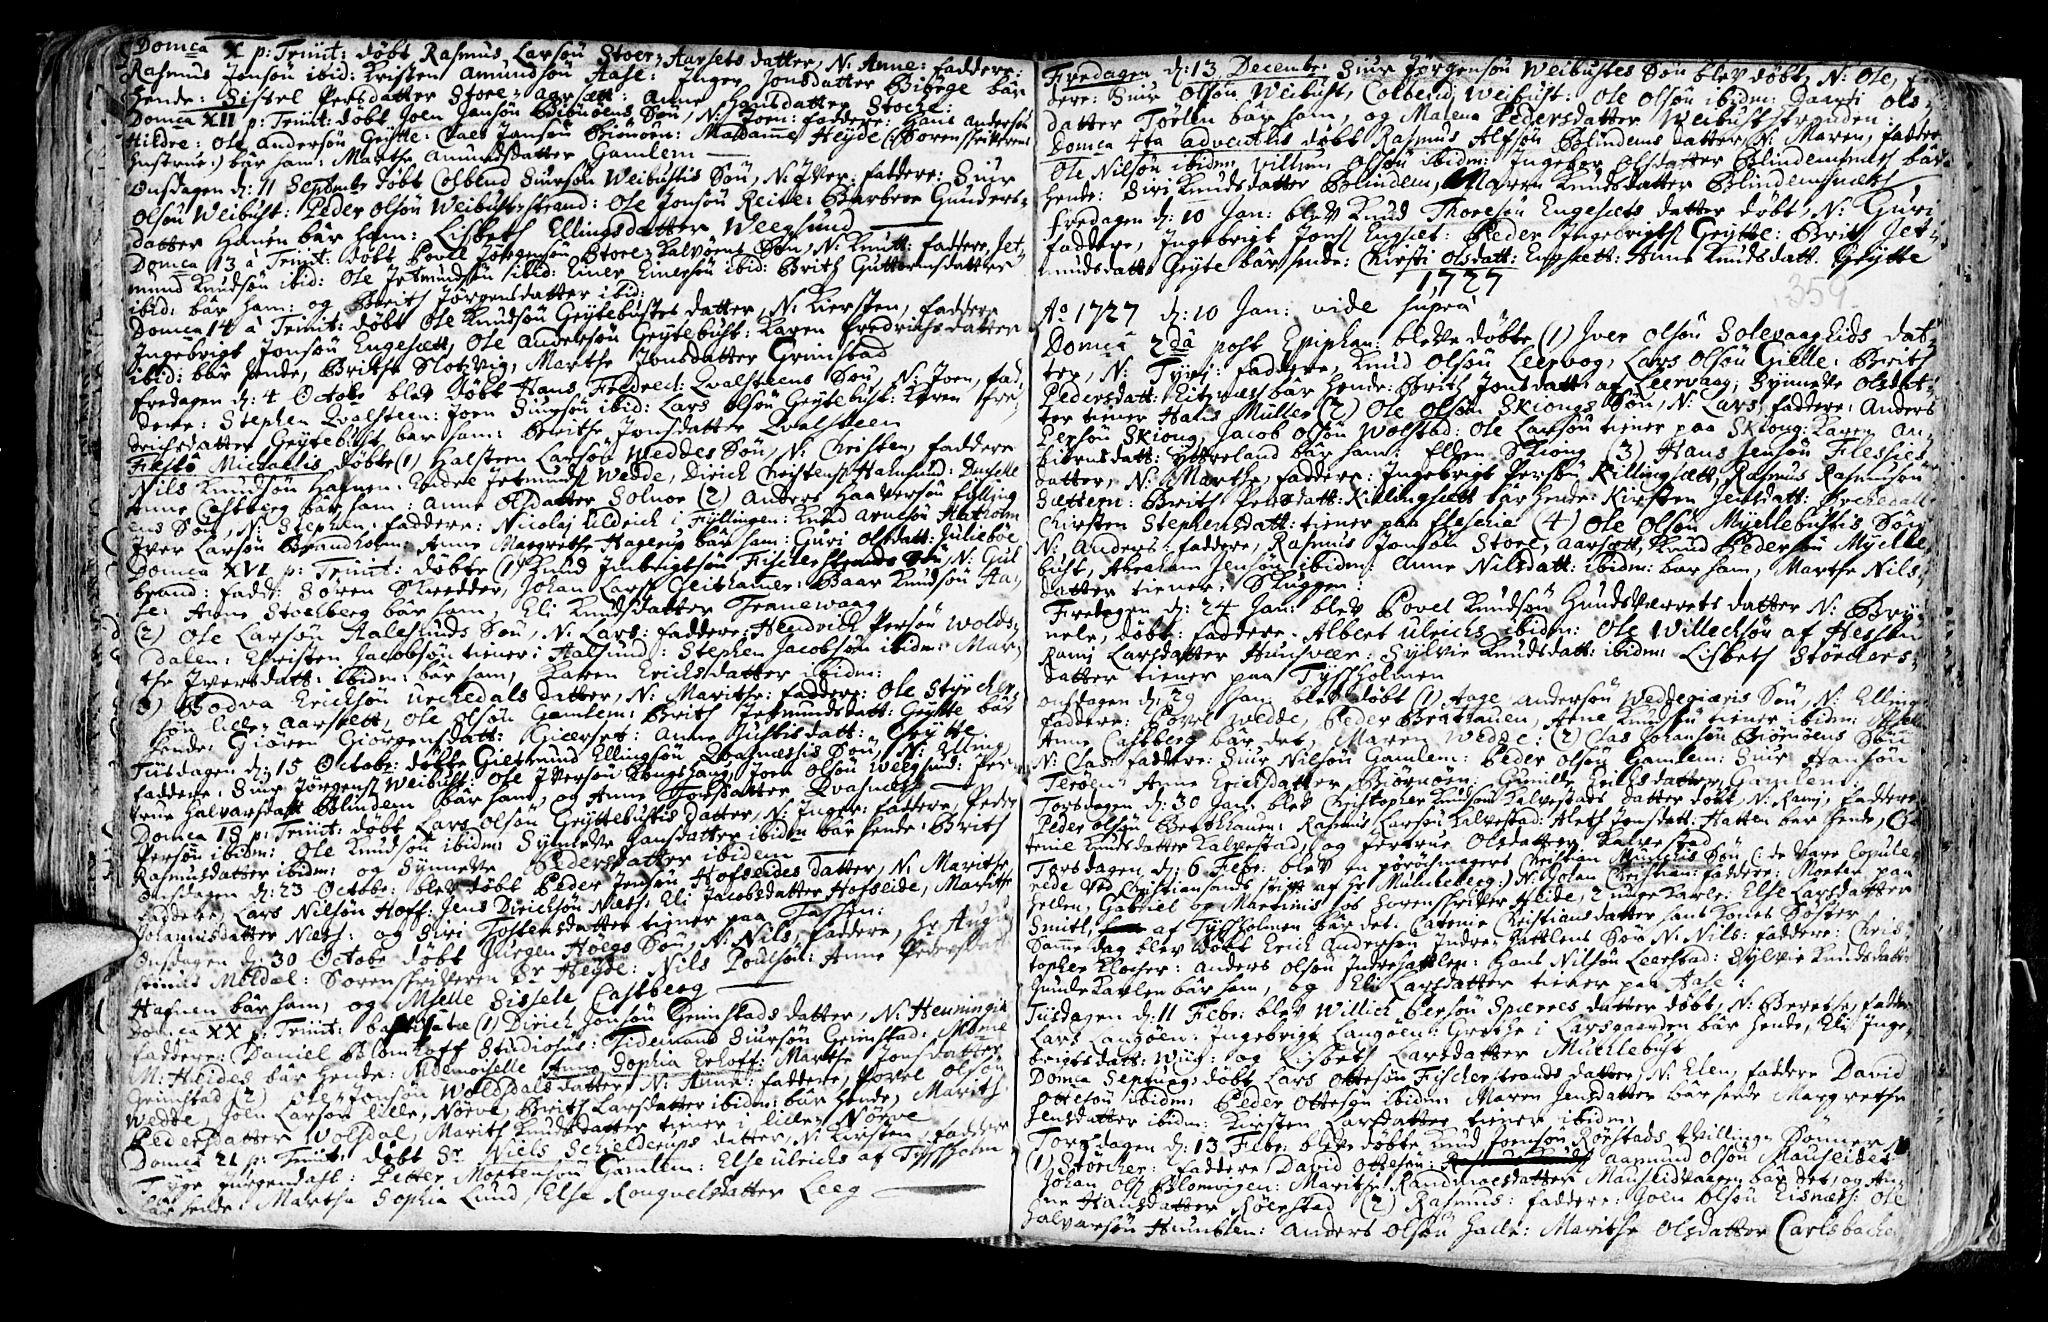 SAT, Ministerialprotokoller, klokkerbøker og fødselsregistre - Møre og Romsdal, 528/L0390: Ministerialbok nr. 528A01, 1698-1739, s. 358-359